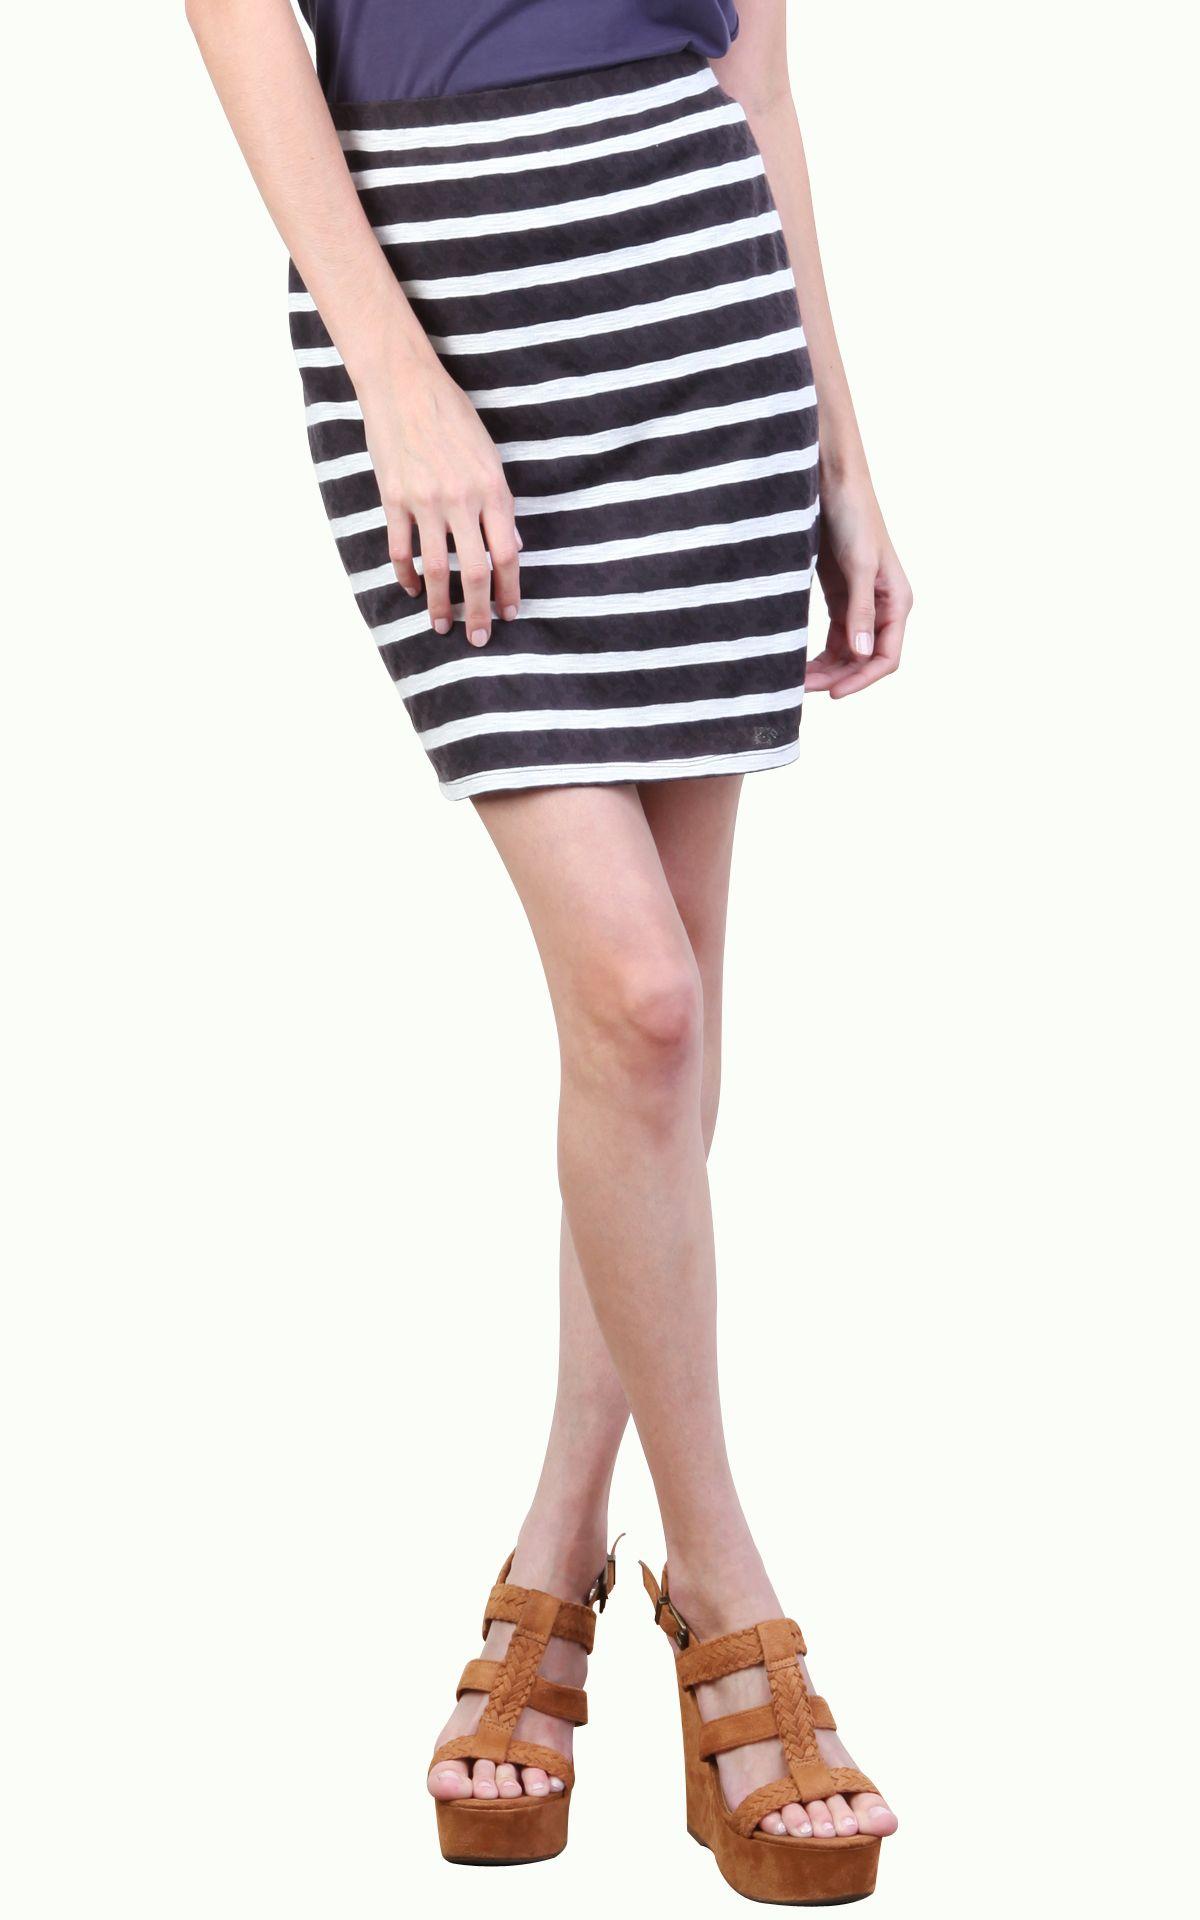 St.Tropez Skirt - Tulle4Us.com